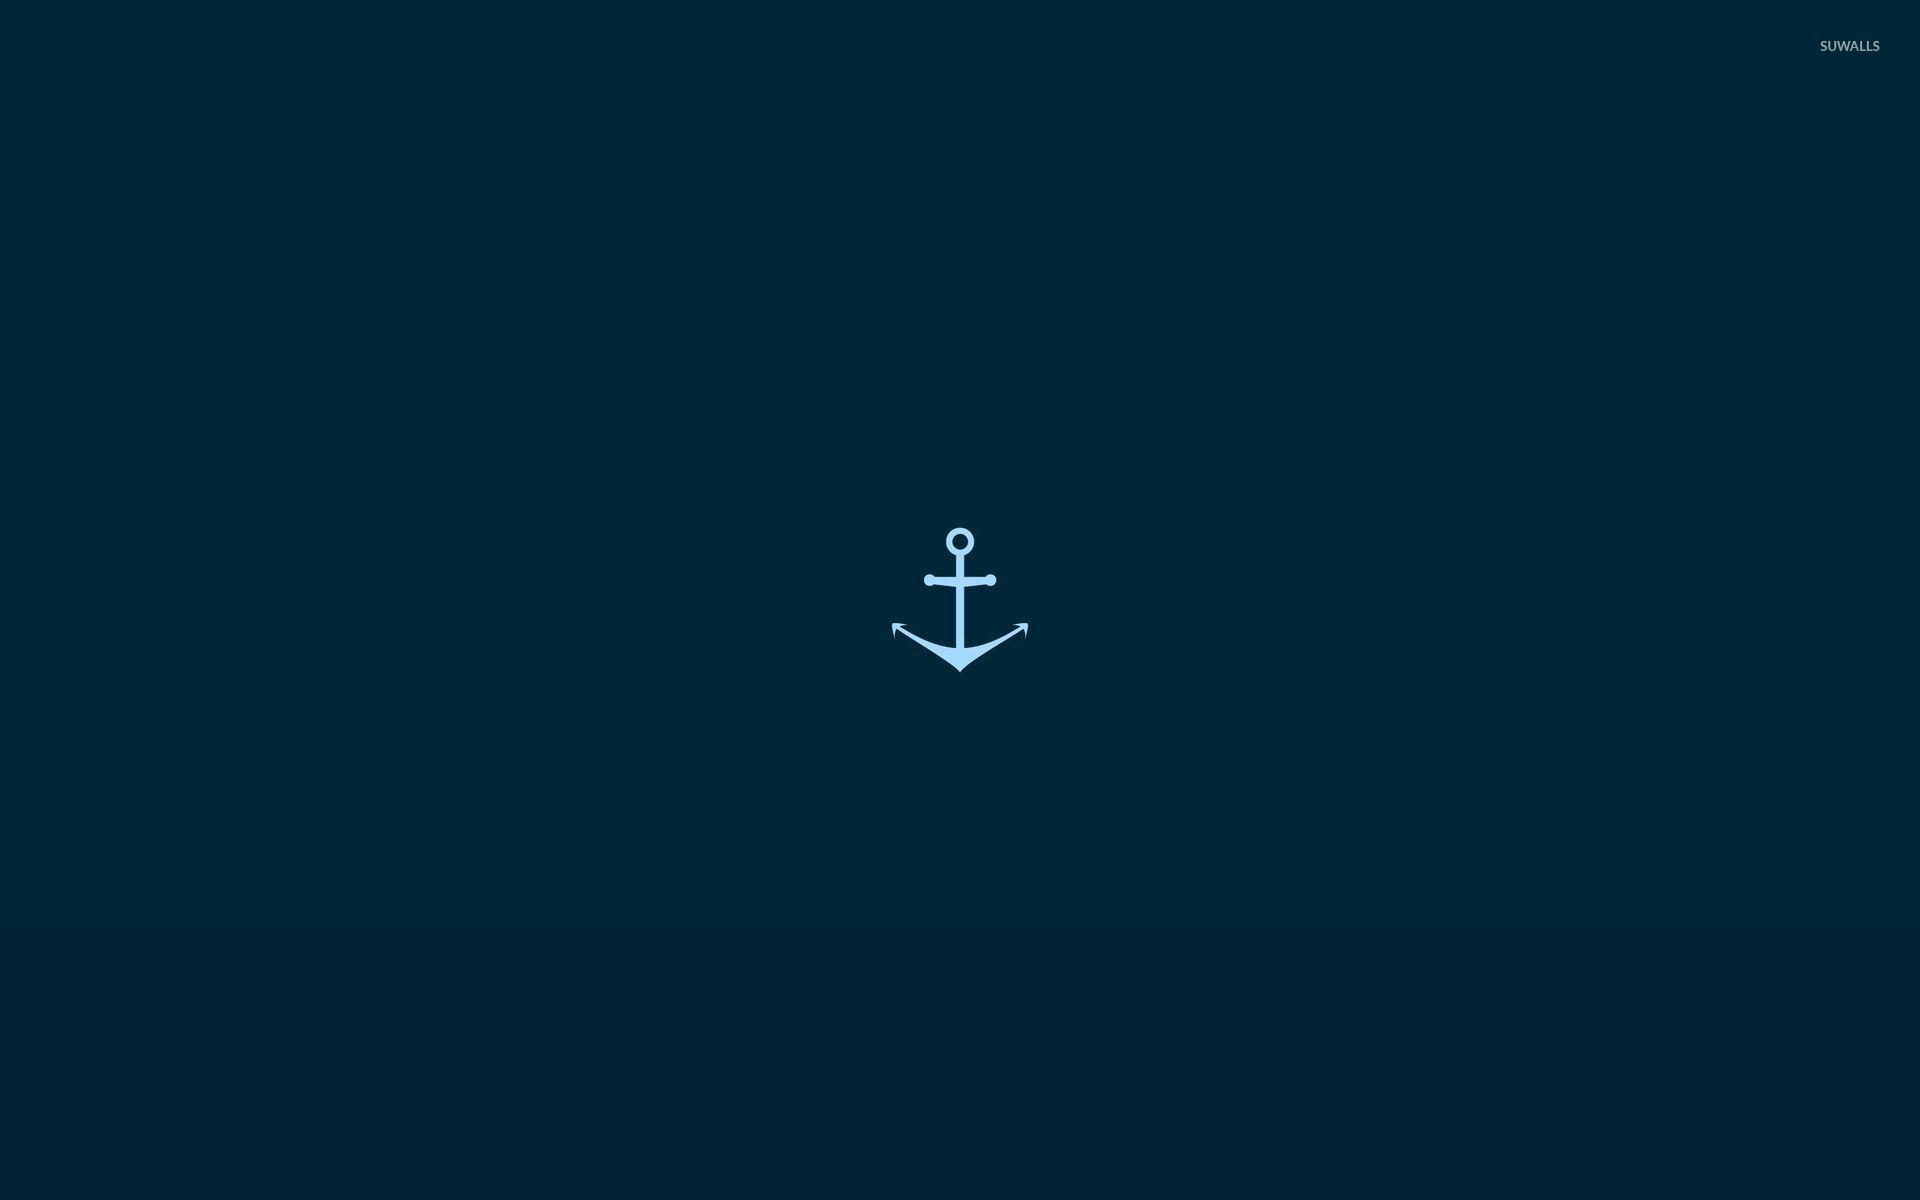 anchor desktop wallpaper - photo #26